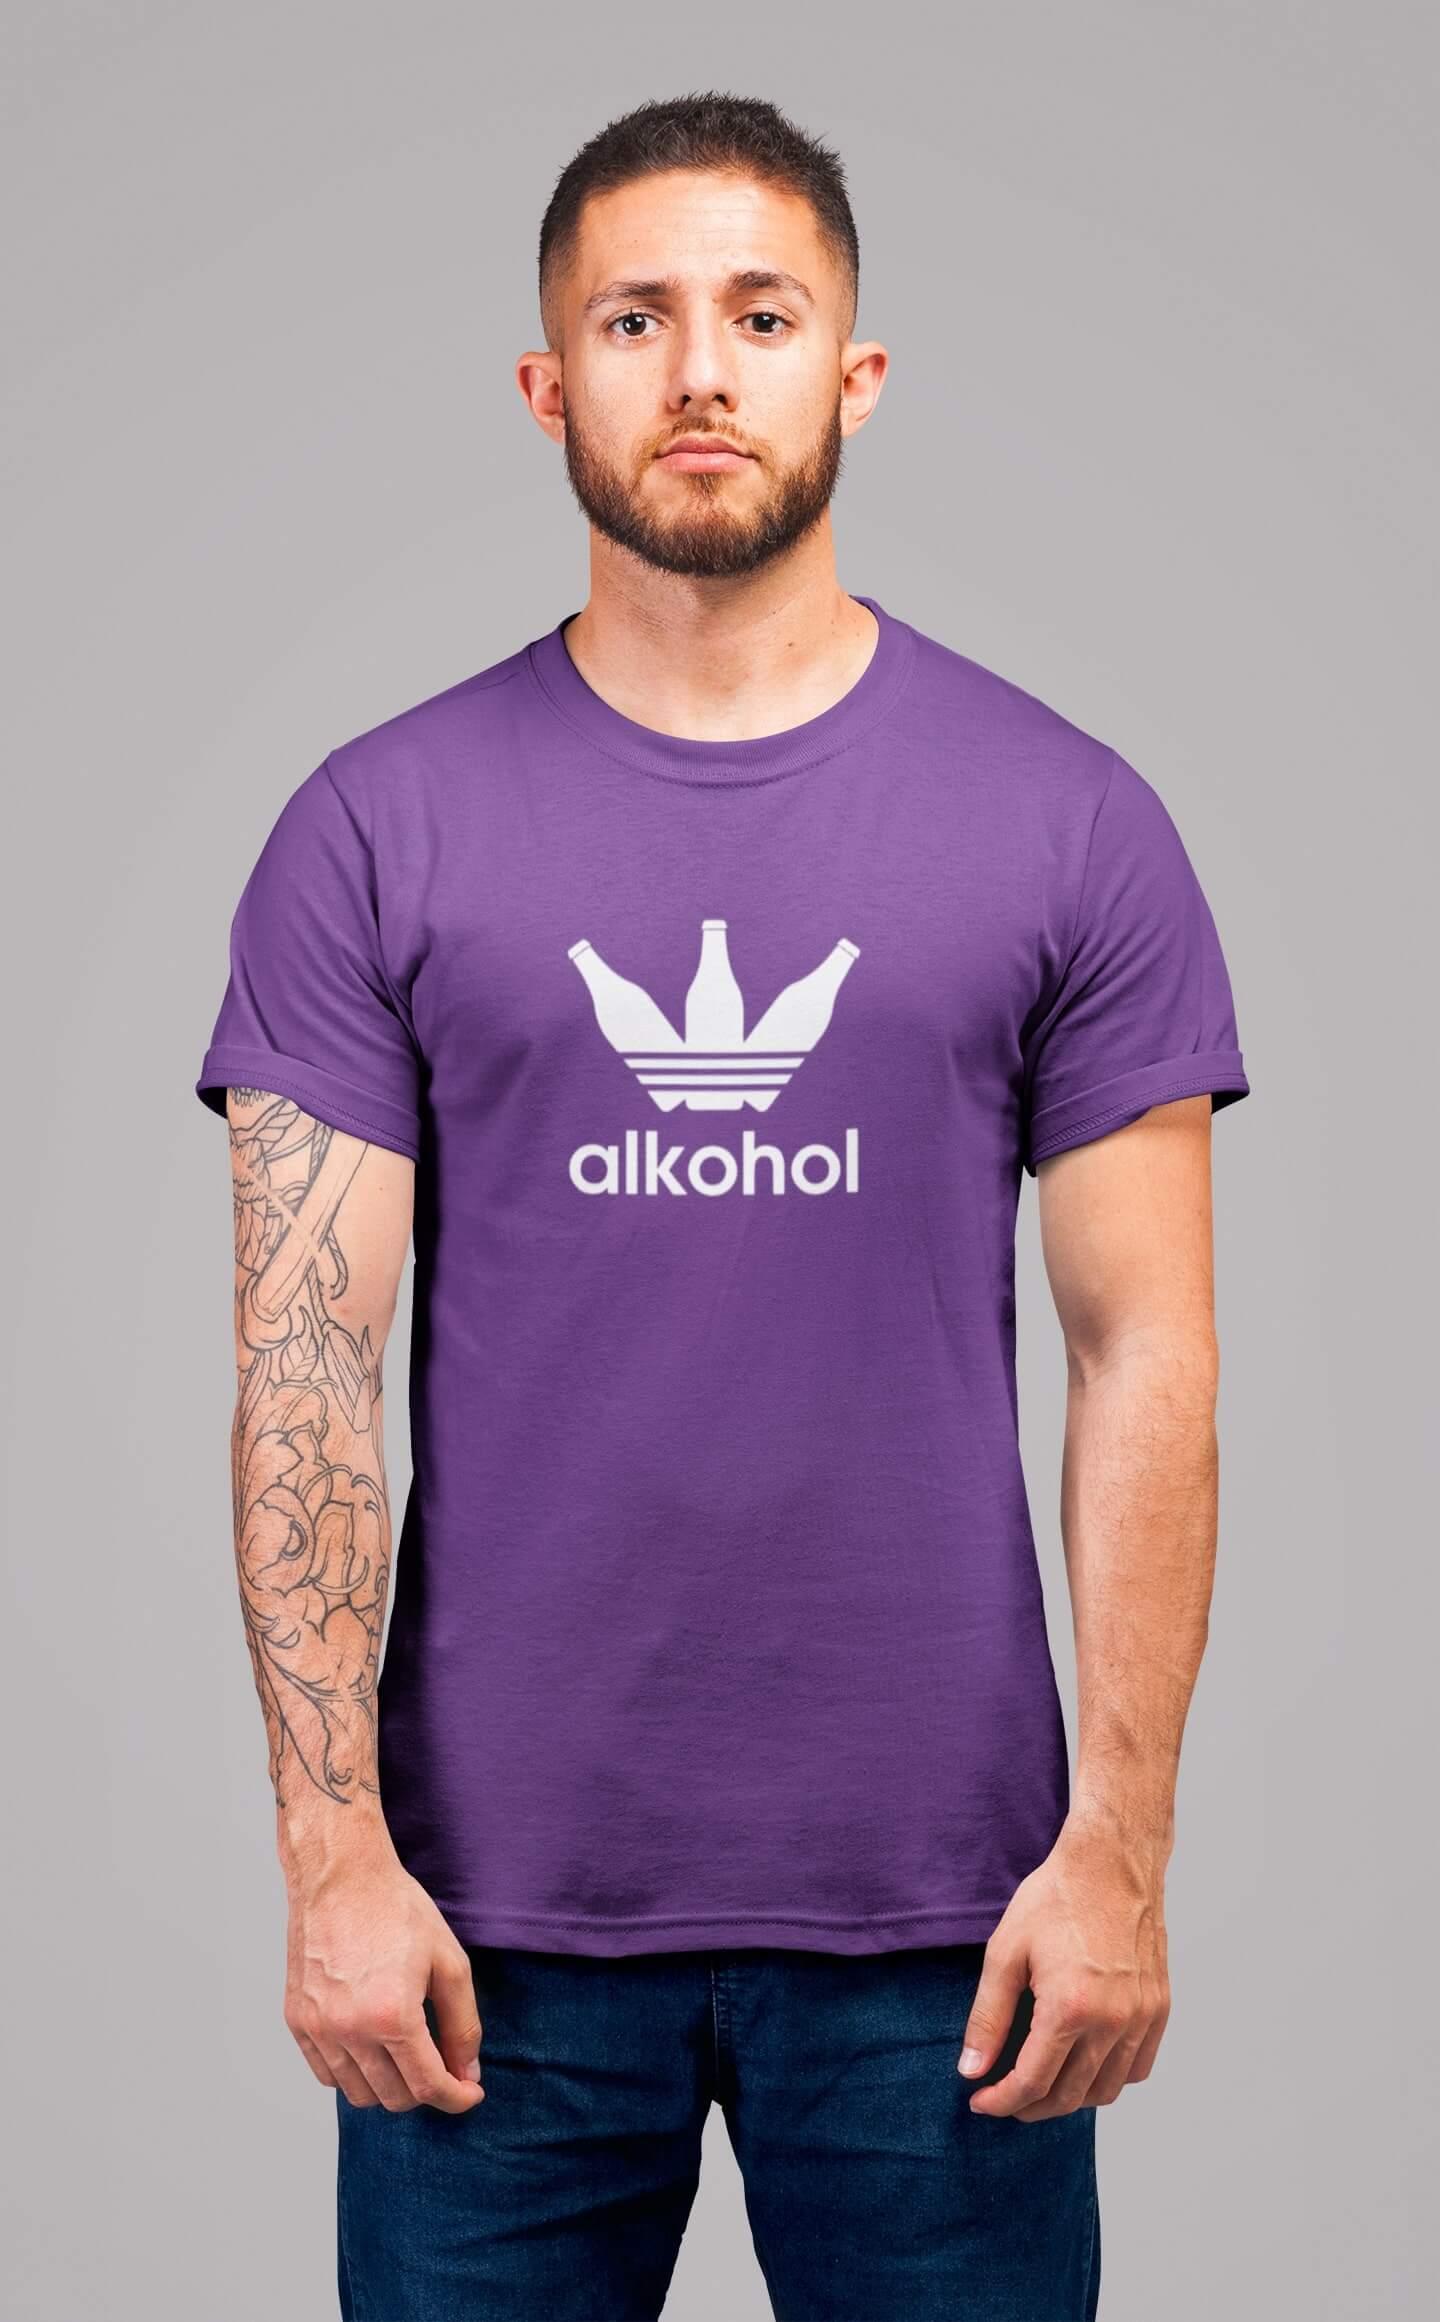 MMO Pánske tričko s flaškami Vyberte farbu: Fialová, Vyberte veľkosť: S